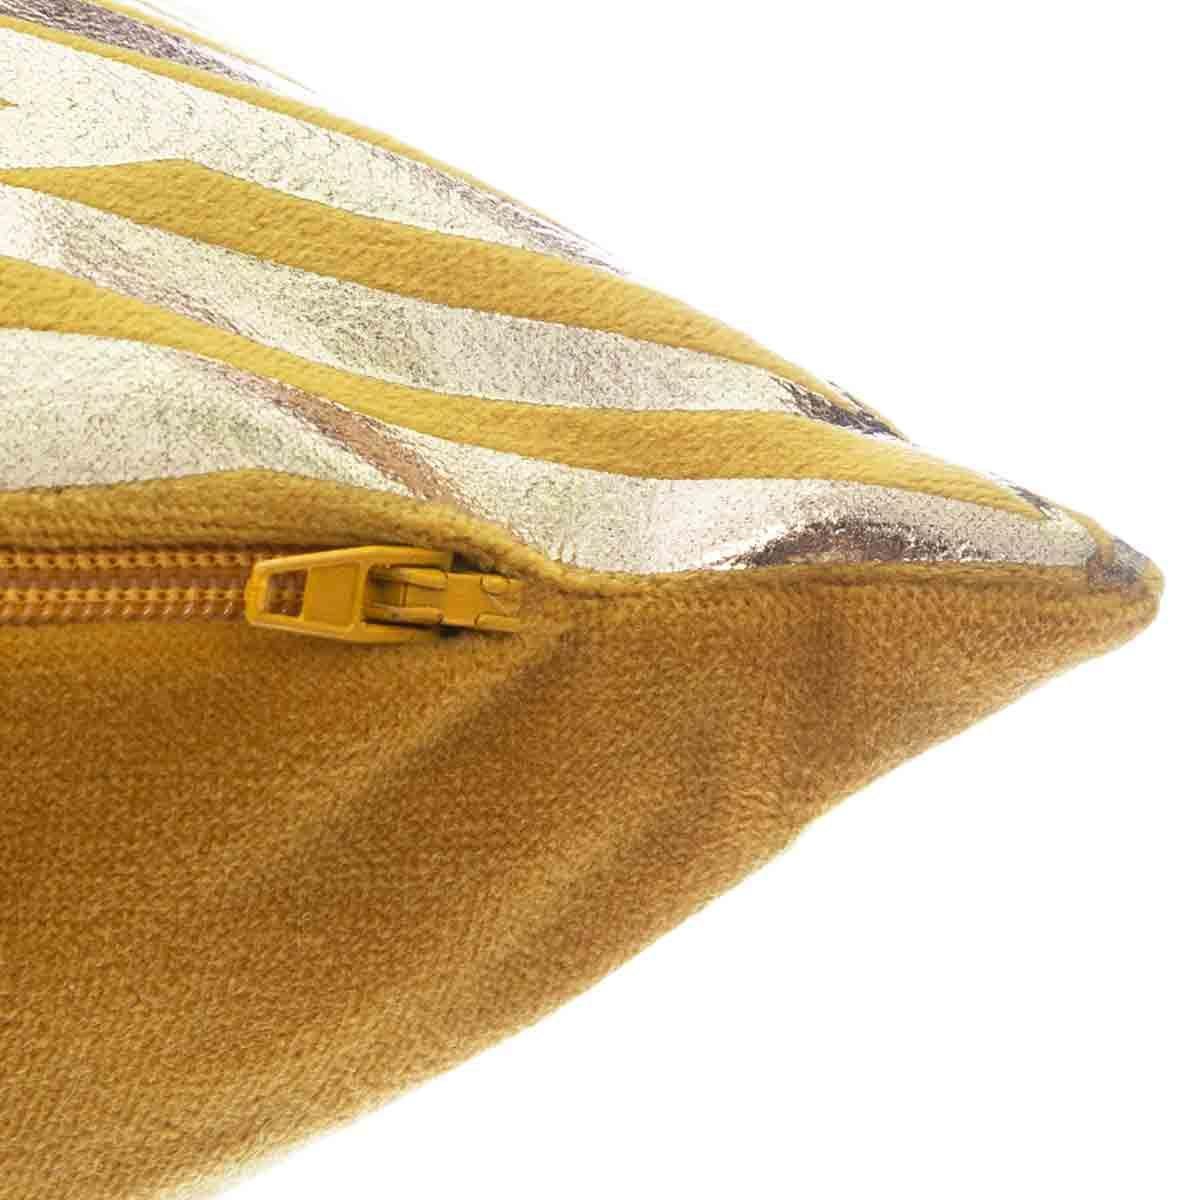 Coussin ocre tropical imprimé doré Ubud  40x40 cm